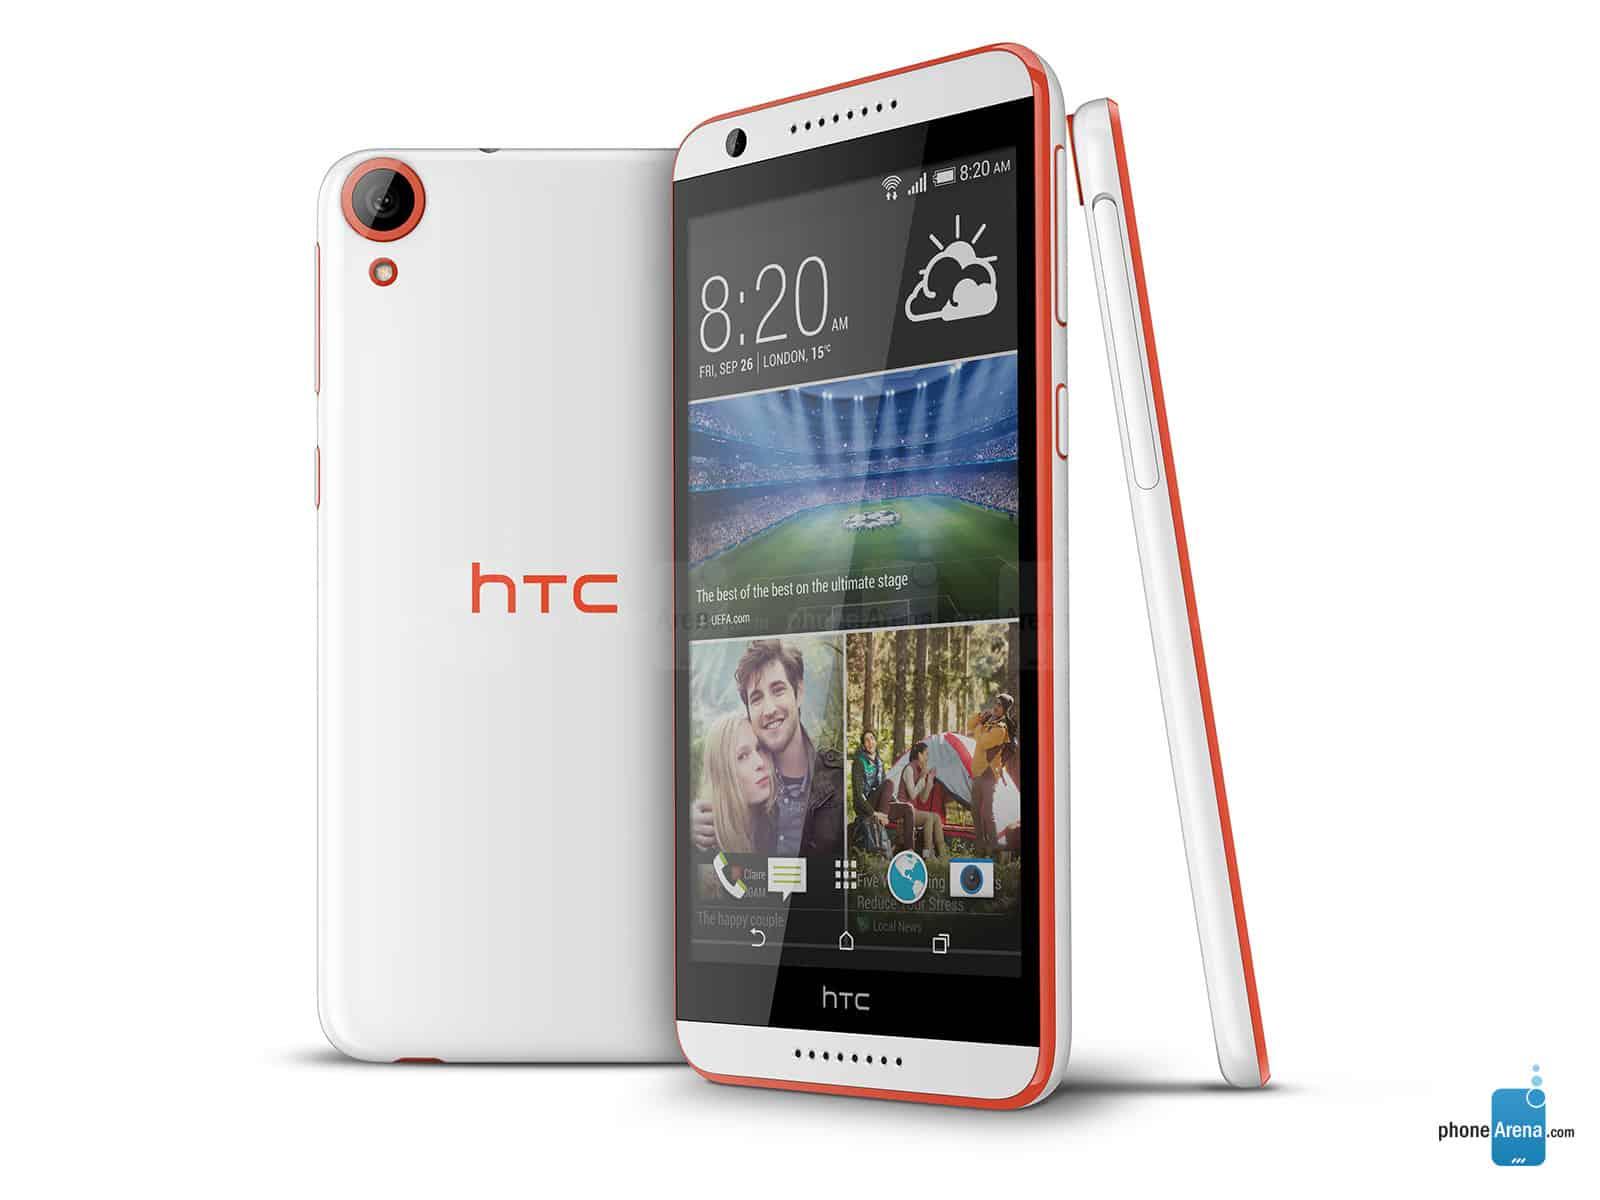 HTC-Desire-820-2Best-Smartphones below 20K INR